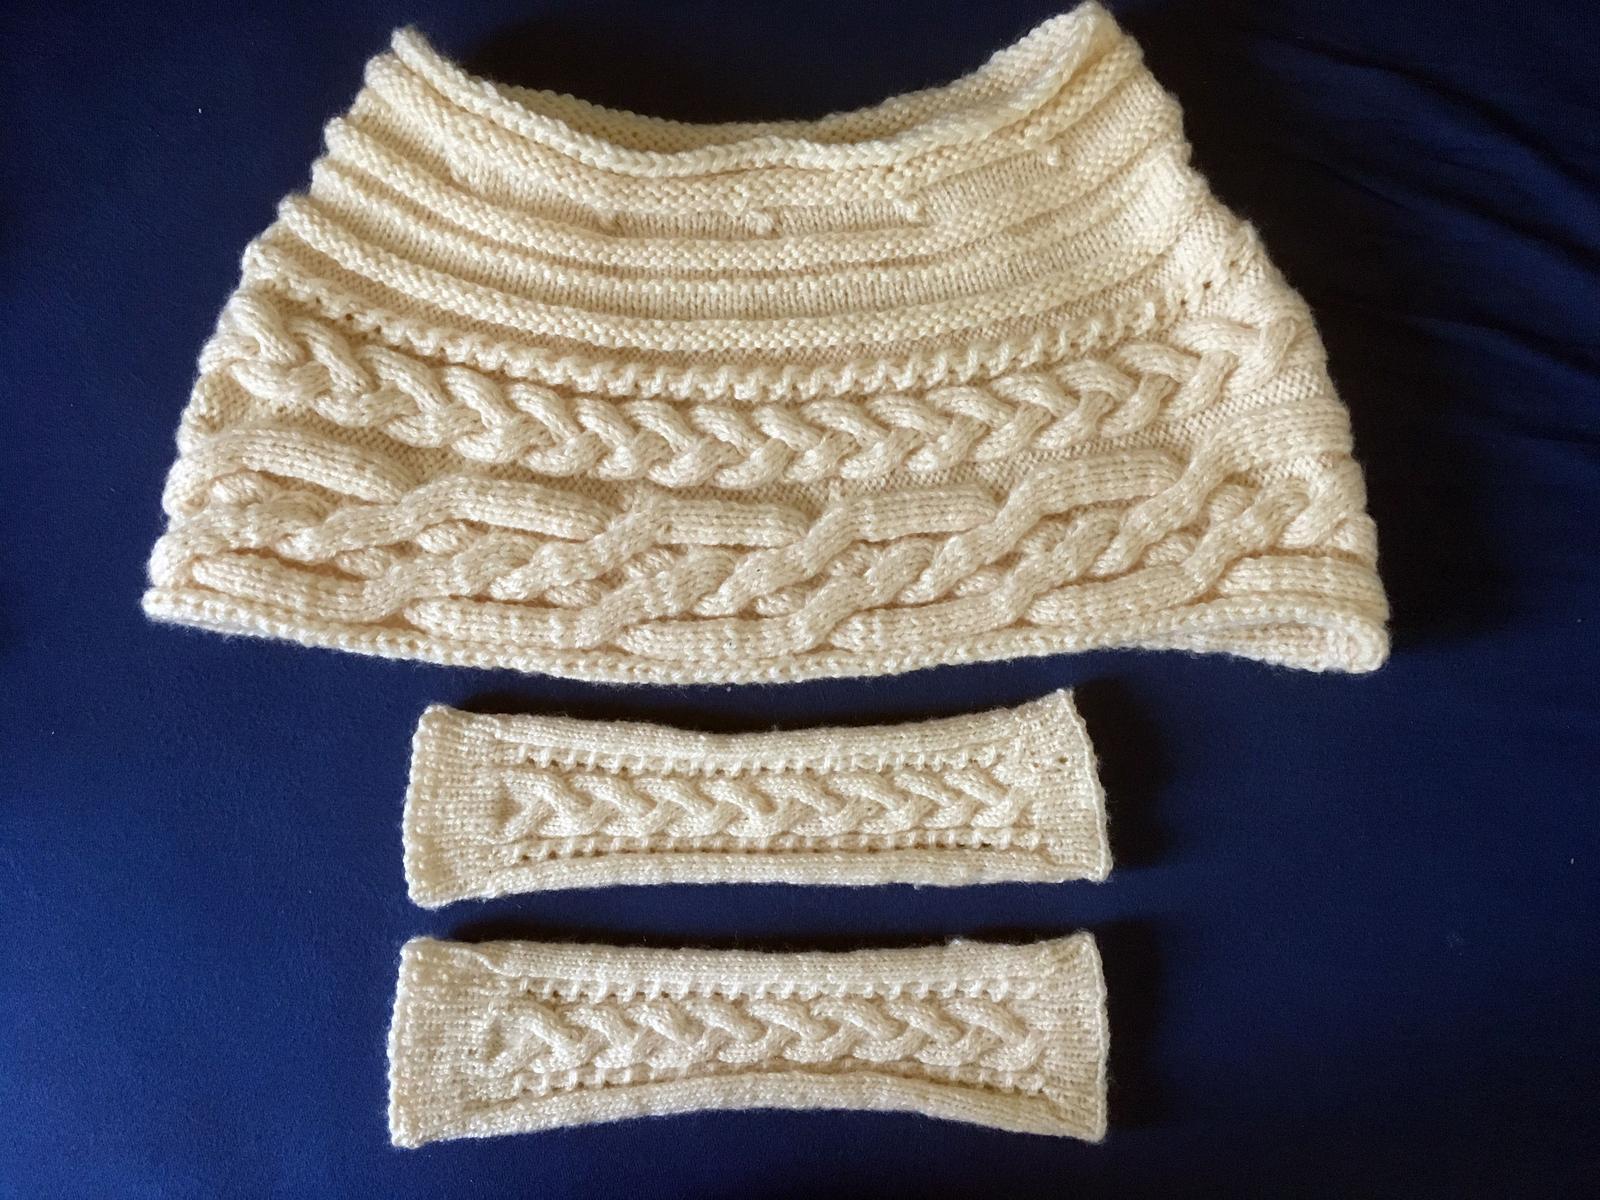 Pletená štola a návleky - Obrázek č. 1